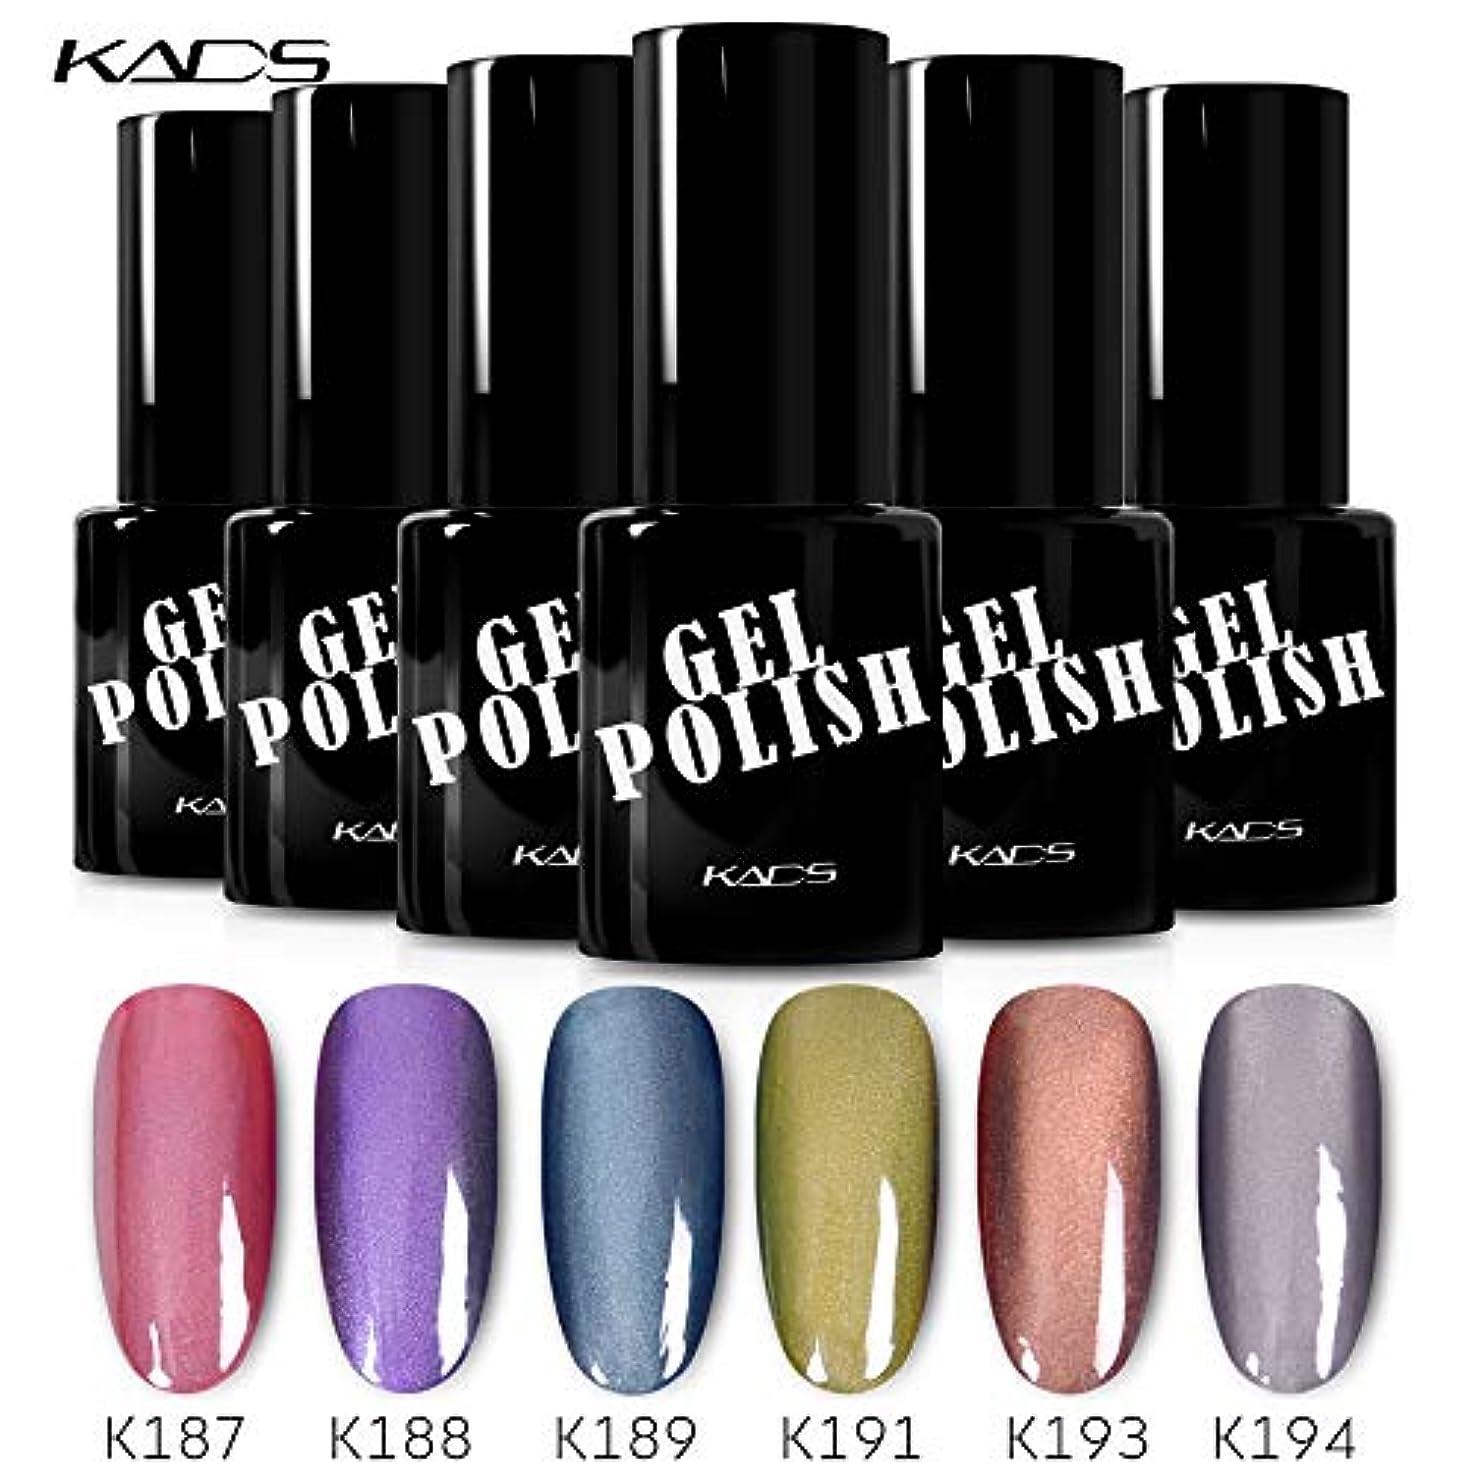 クラブ大通り鈍いKADS カラージェル 6色入り キャッツアイジェルネイル グリーン/ピンク/グレー カラーポリッシュ UV/LED対応 艶長持ち